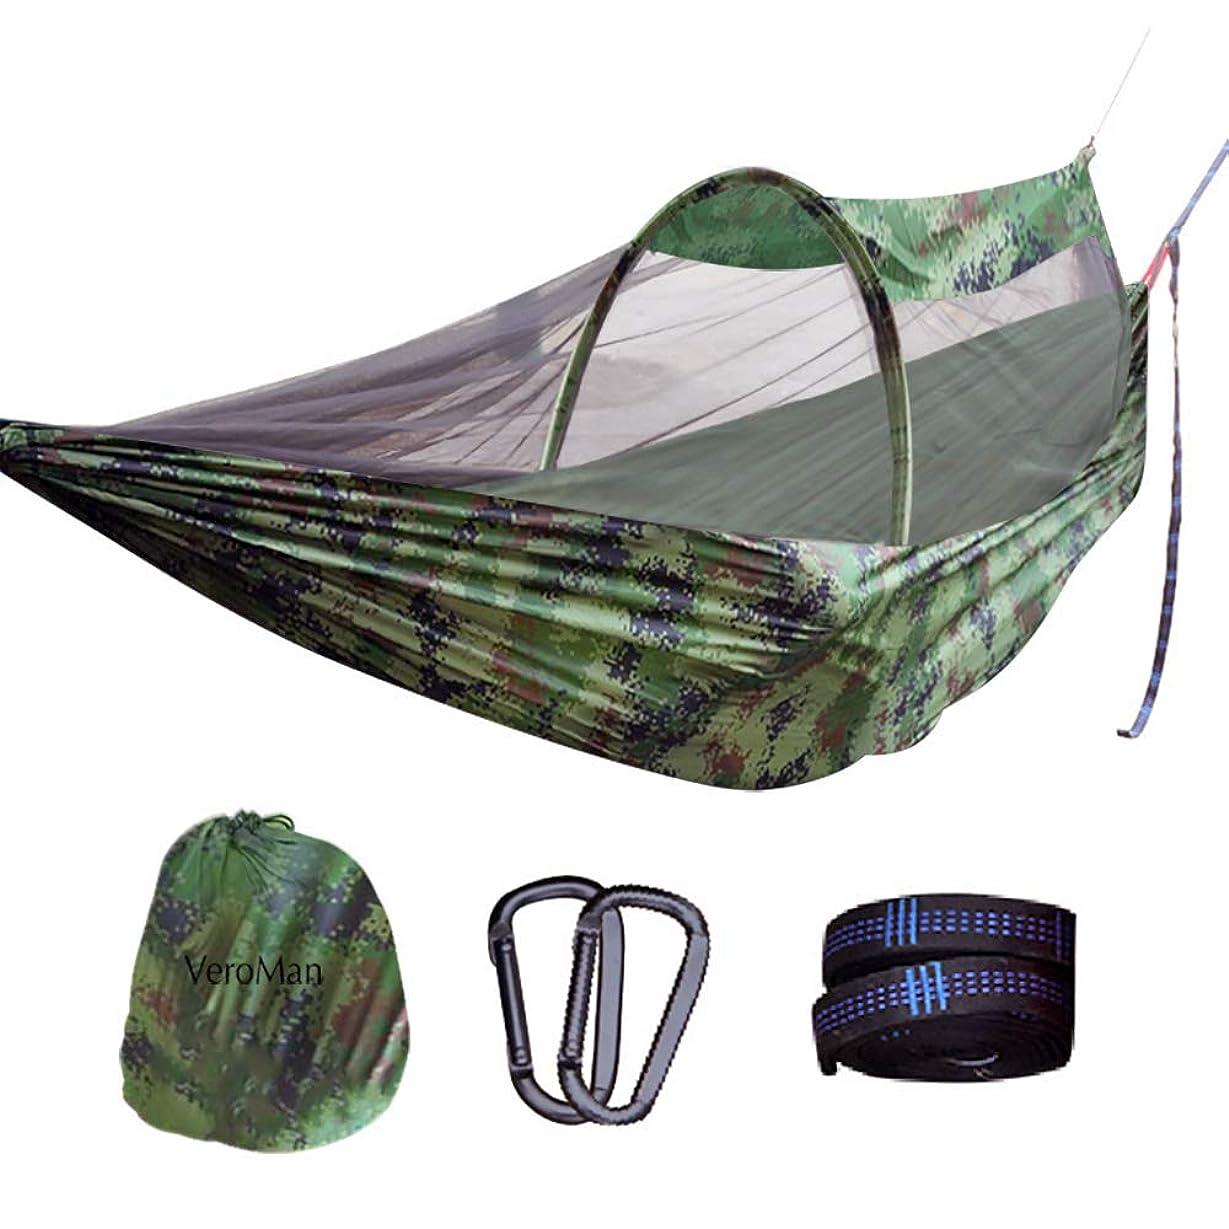 覆すステレオナチュラVeroMan 虫よけ ハンモック 蚊帳付き 収納袋付き 吊りテント アウトドア キャンプ 耐荷重300kg